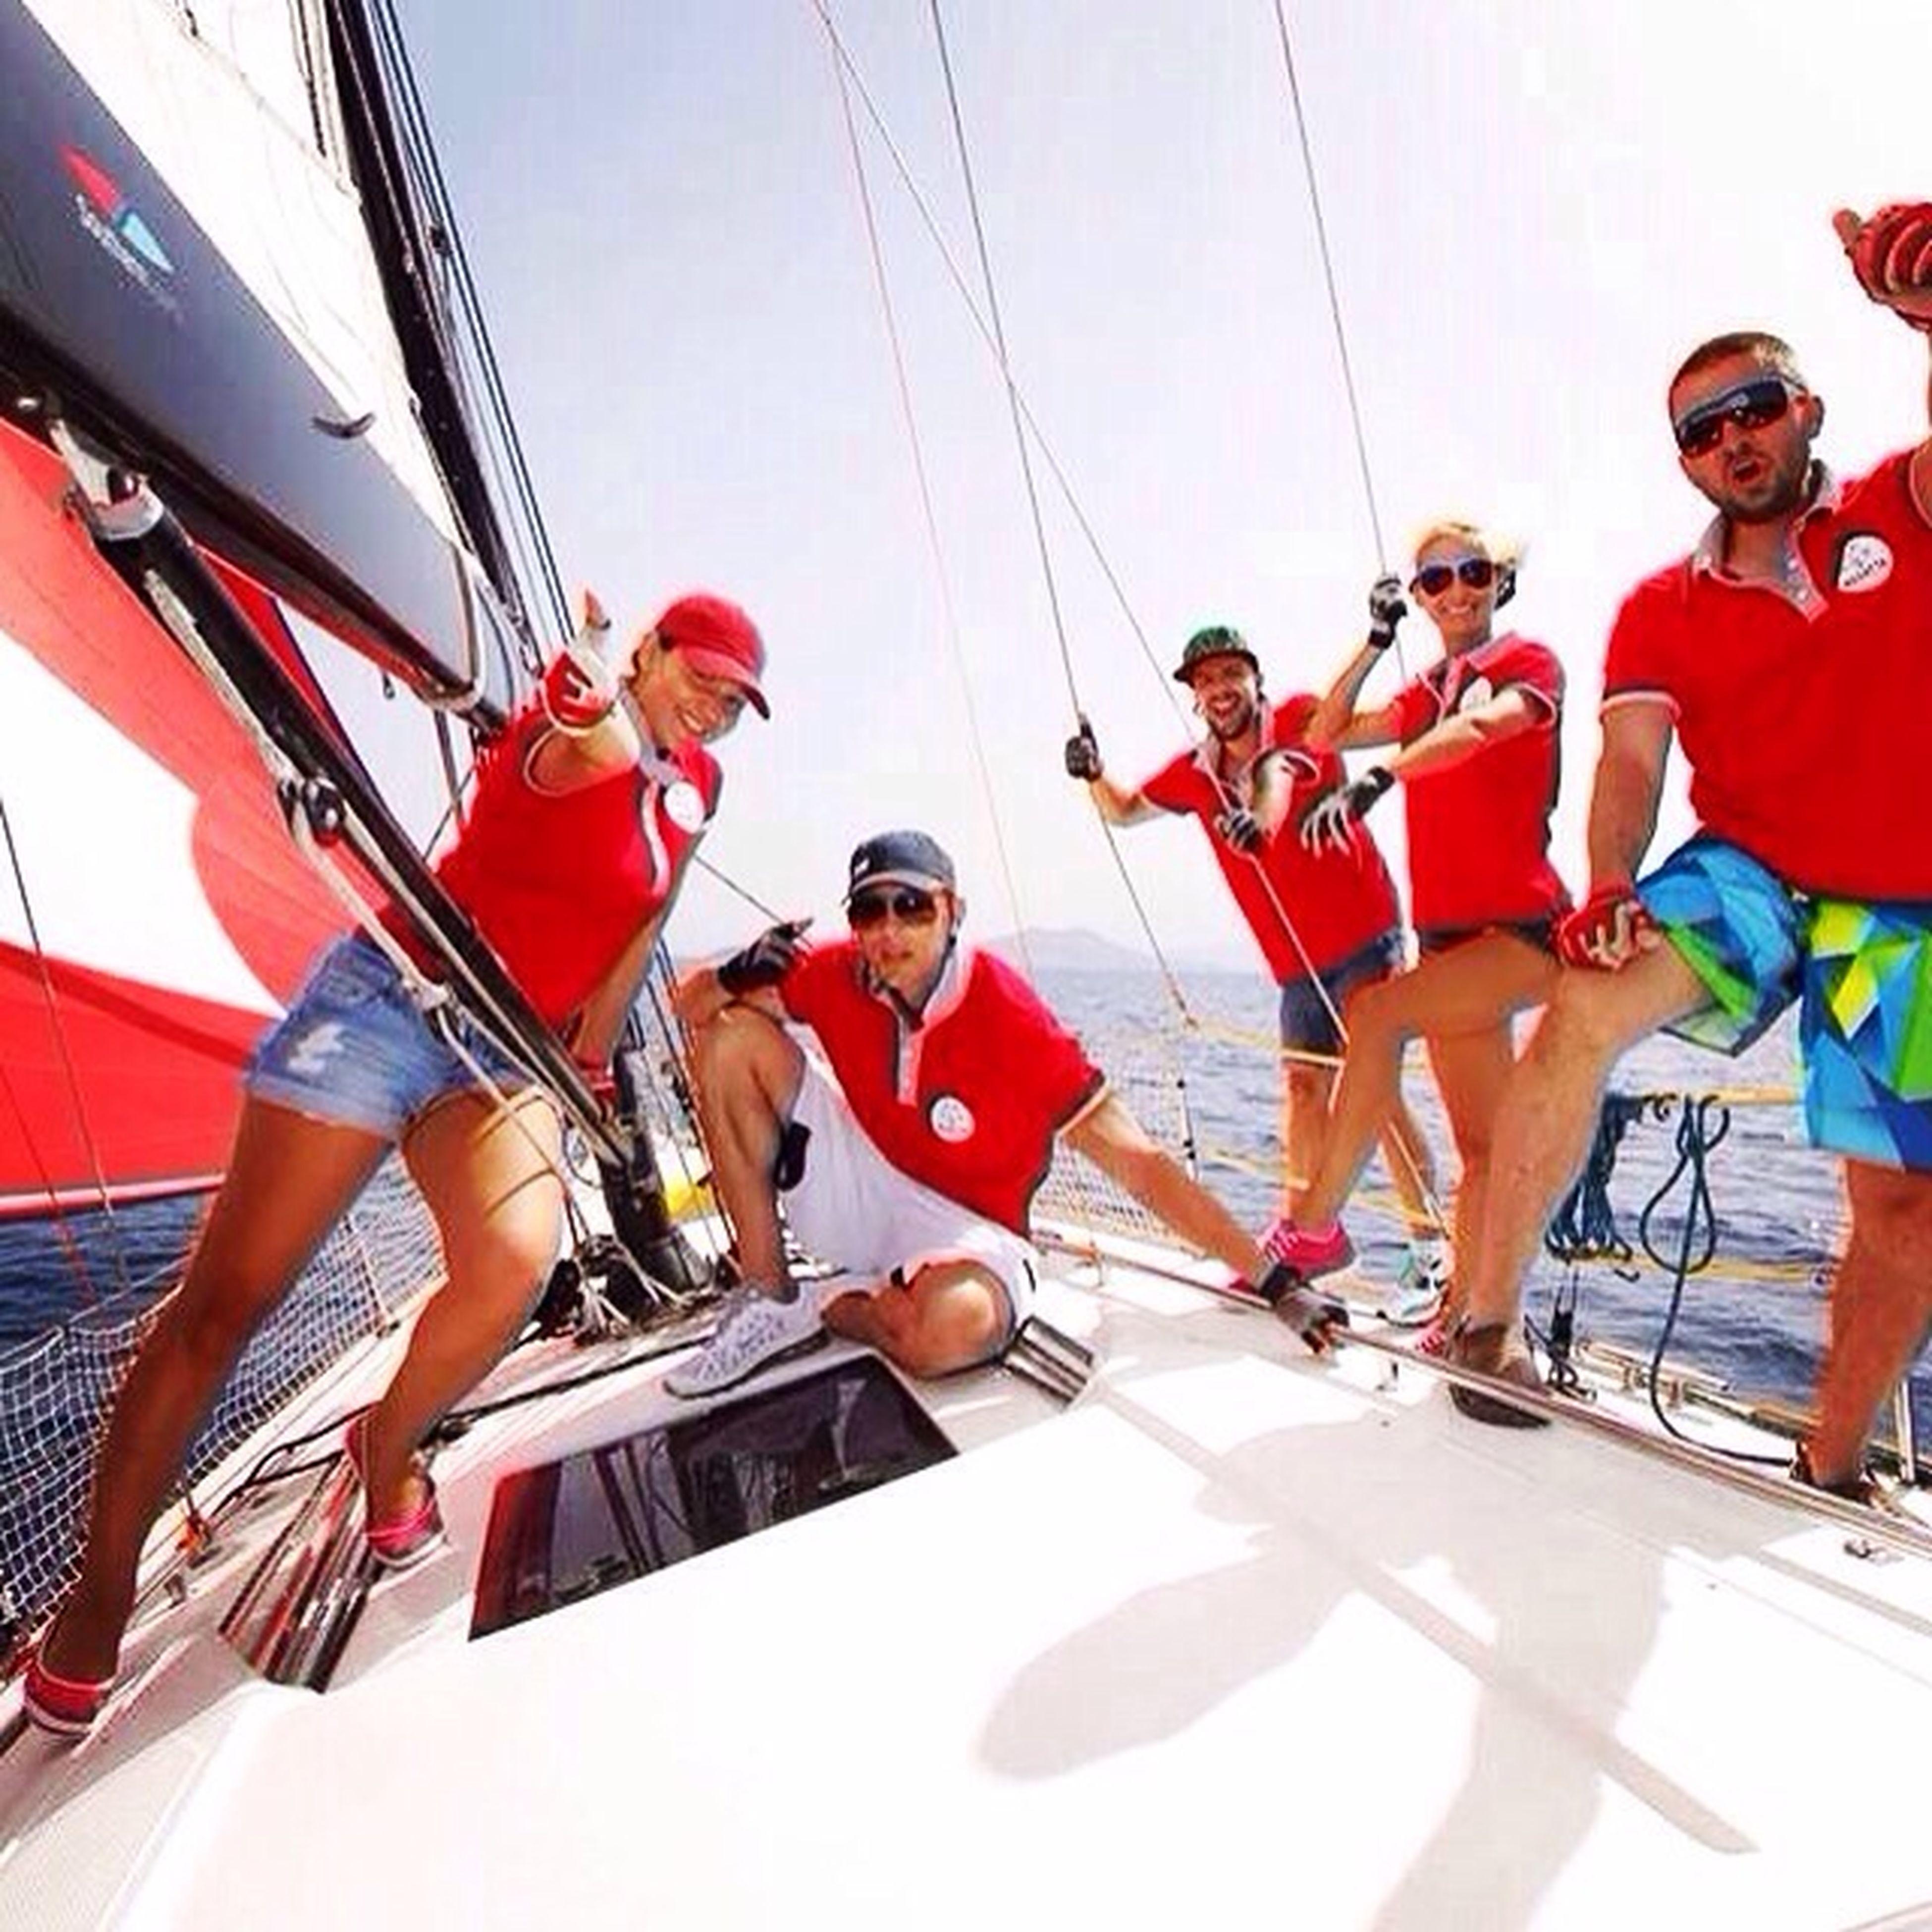 Regatta Fitnessregatta regattafitnessholding2014 Regattafitnessholding2014